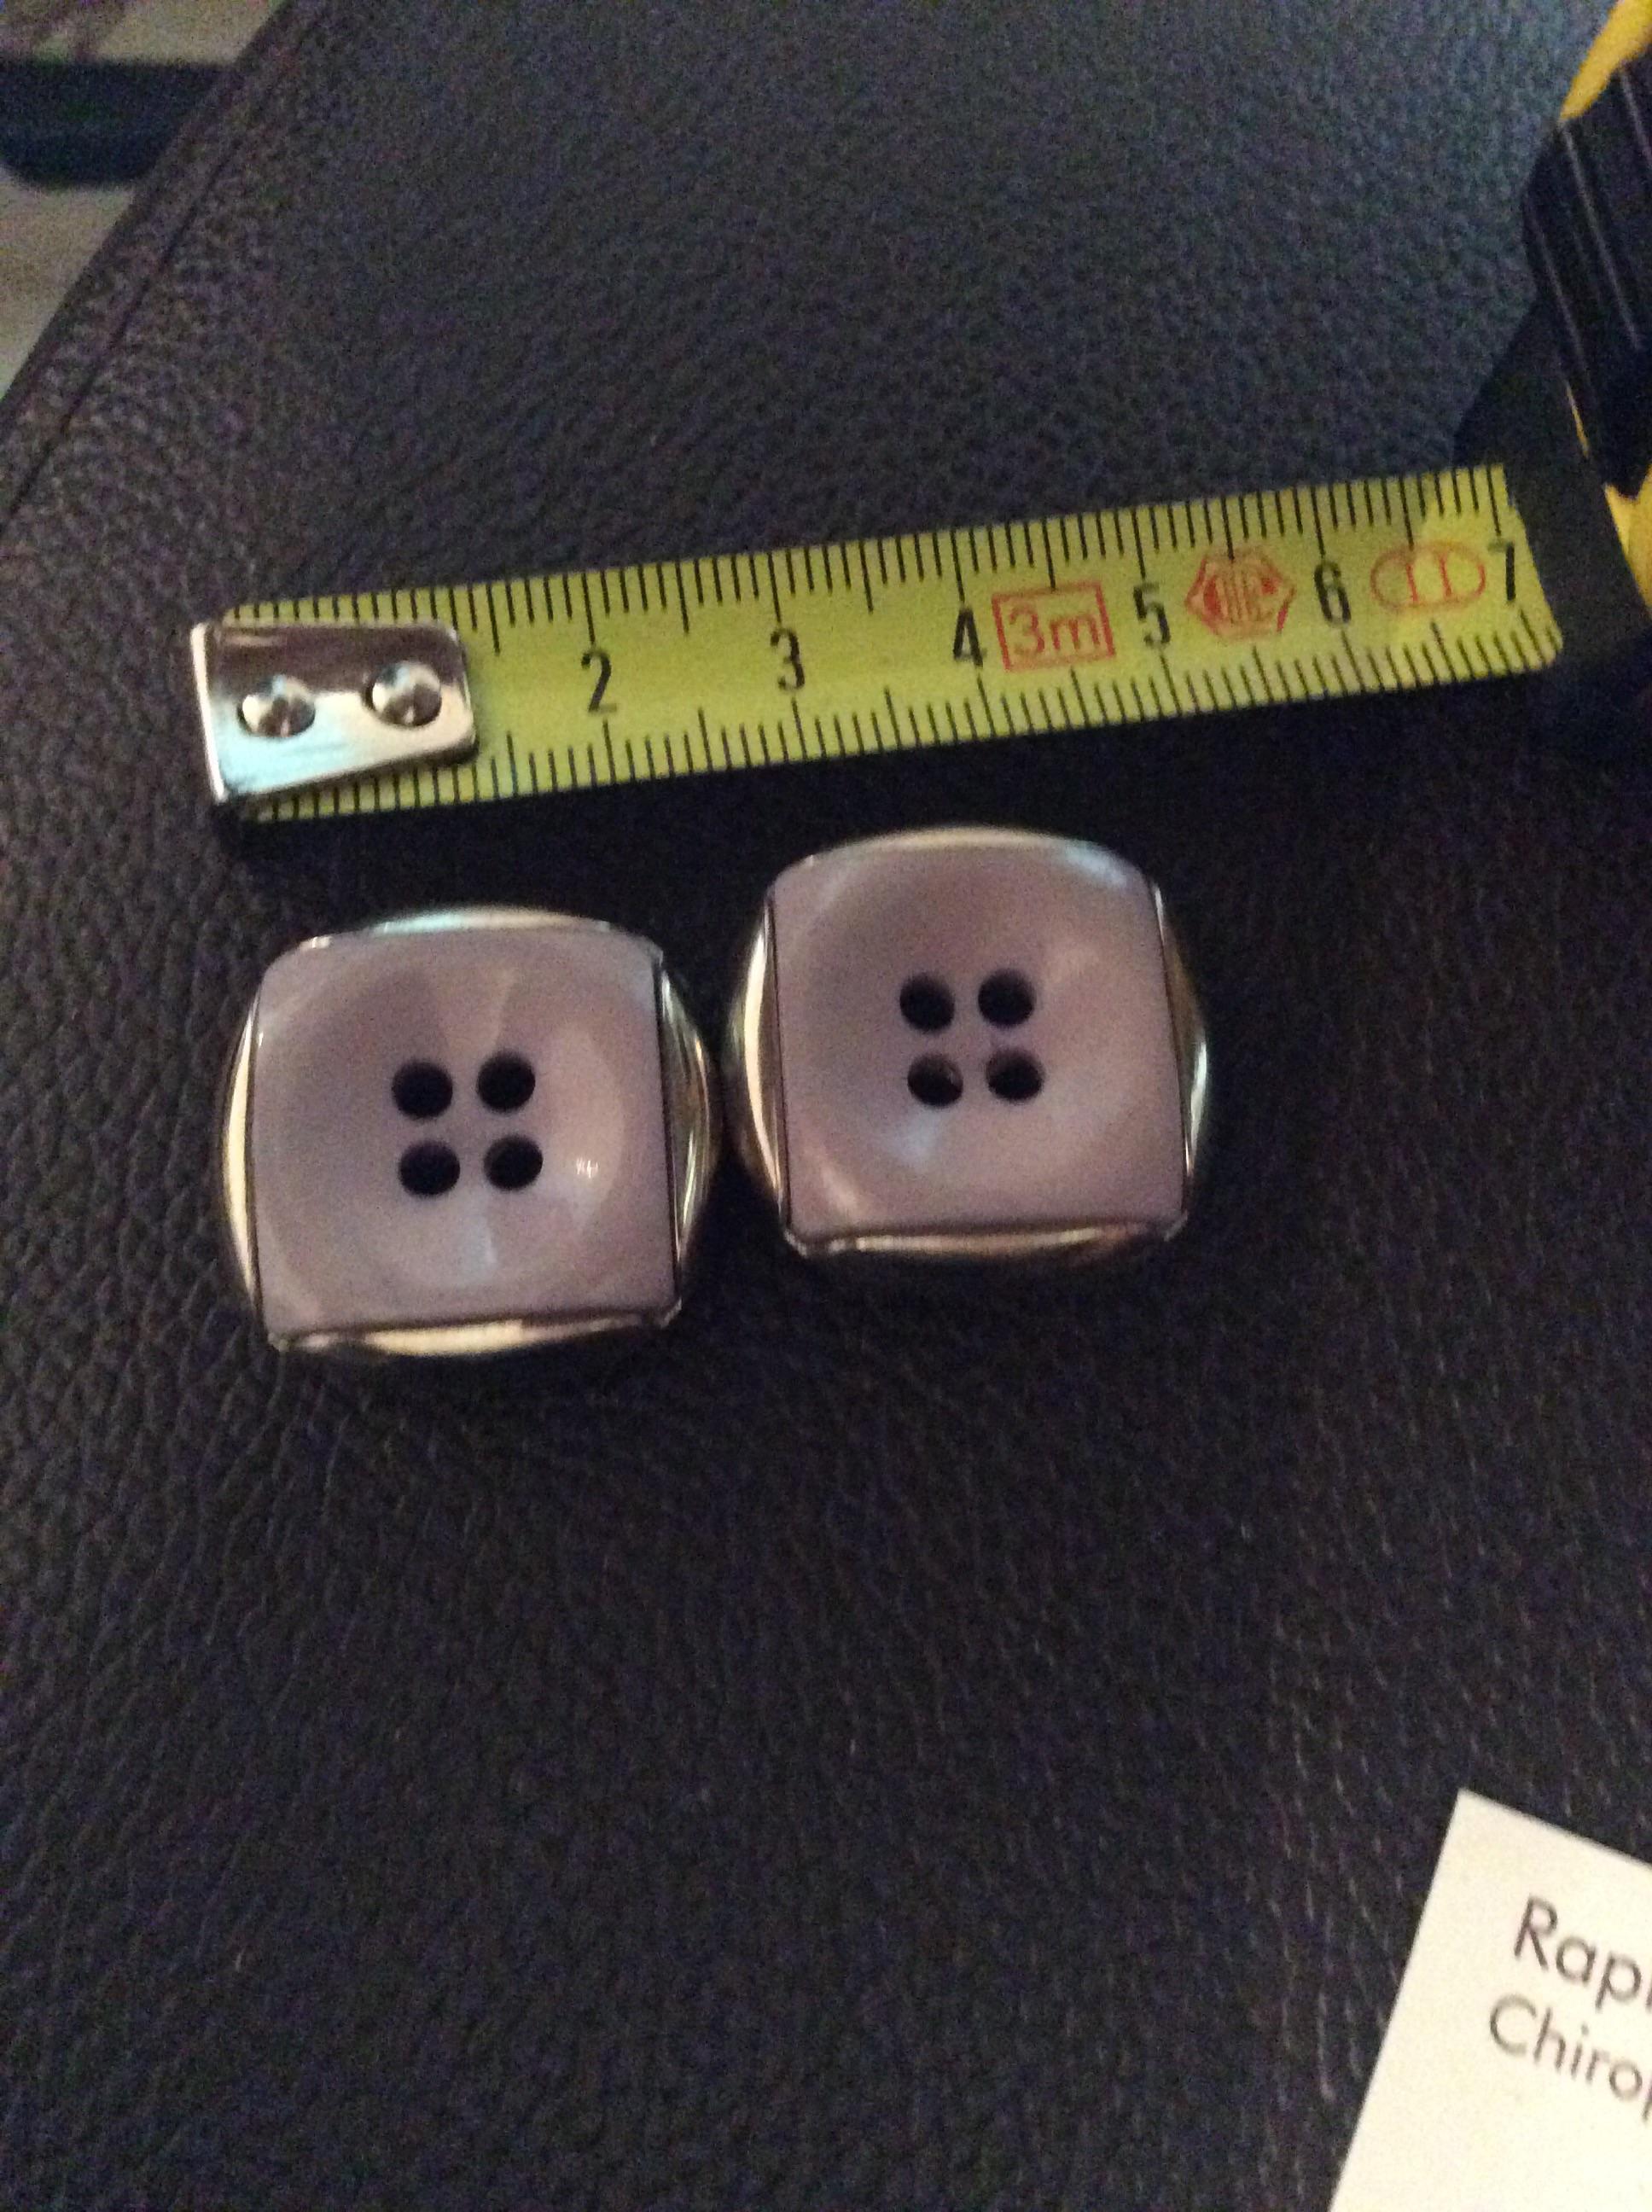 troc de troc réserve gribouilette 2 boutons mauve et argent 2 ,5cm image 0